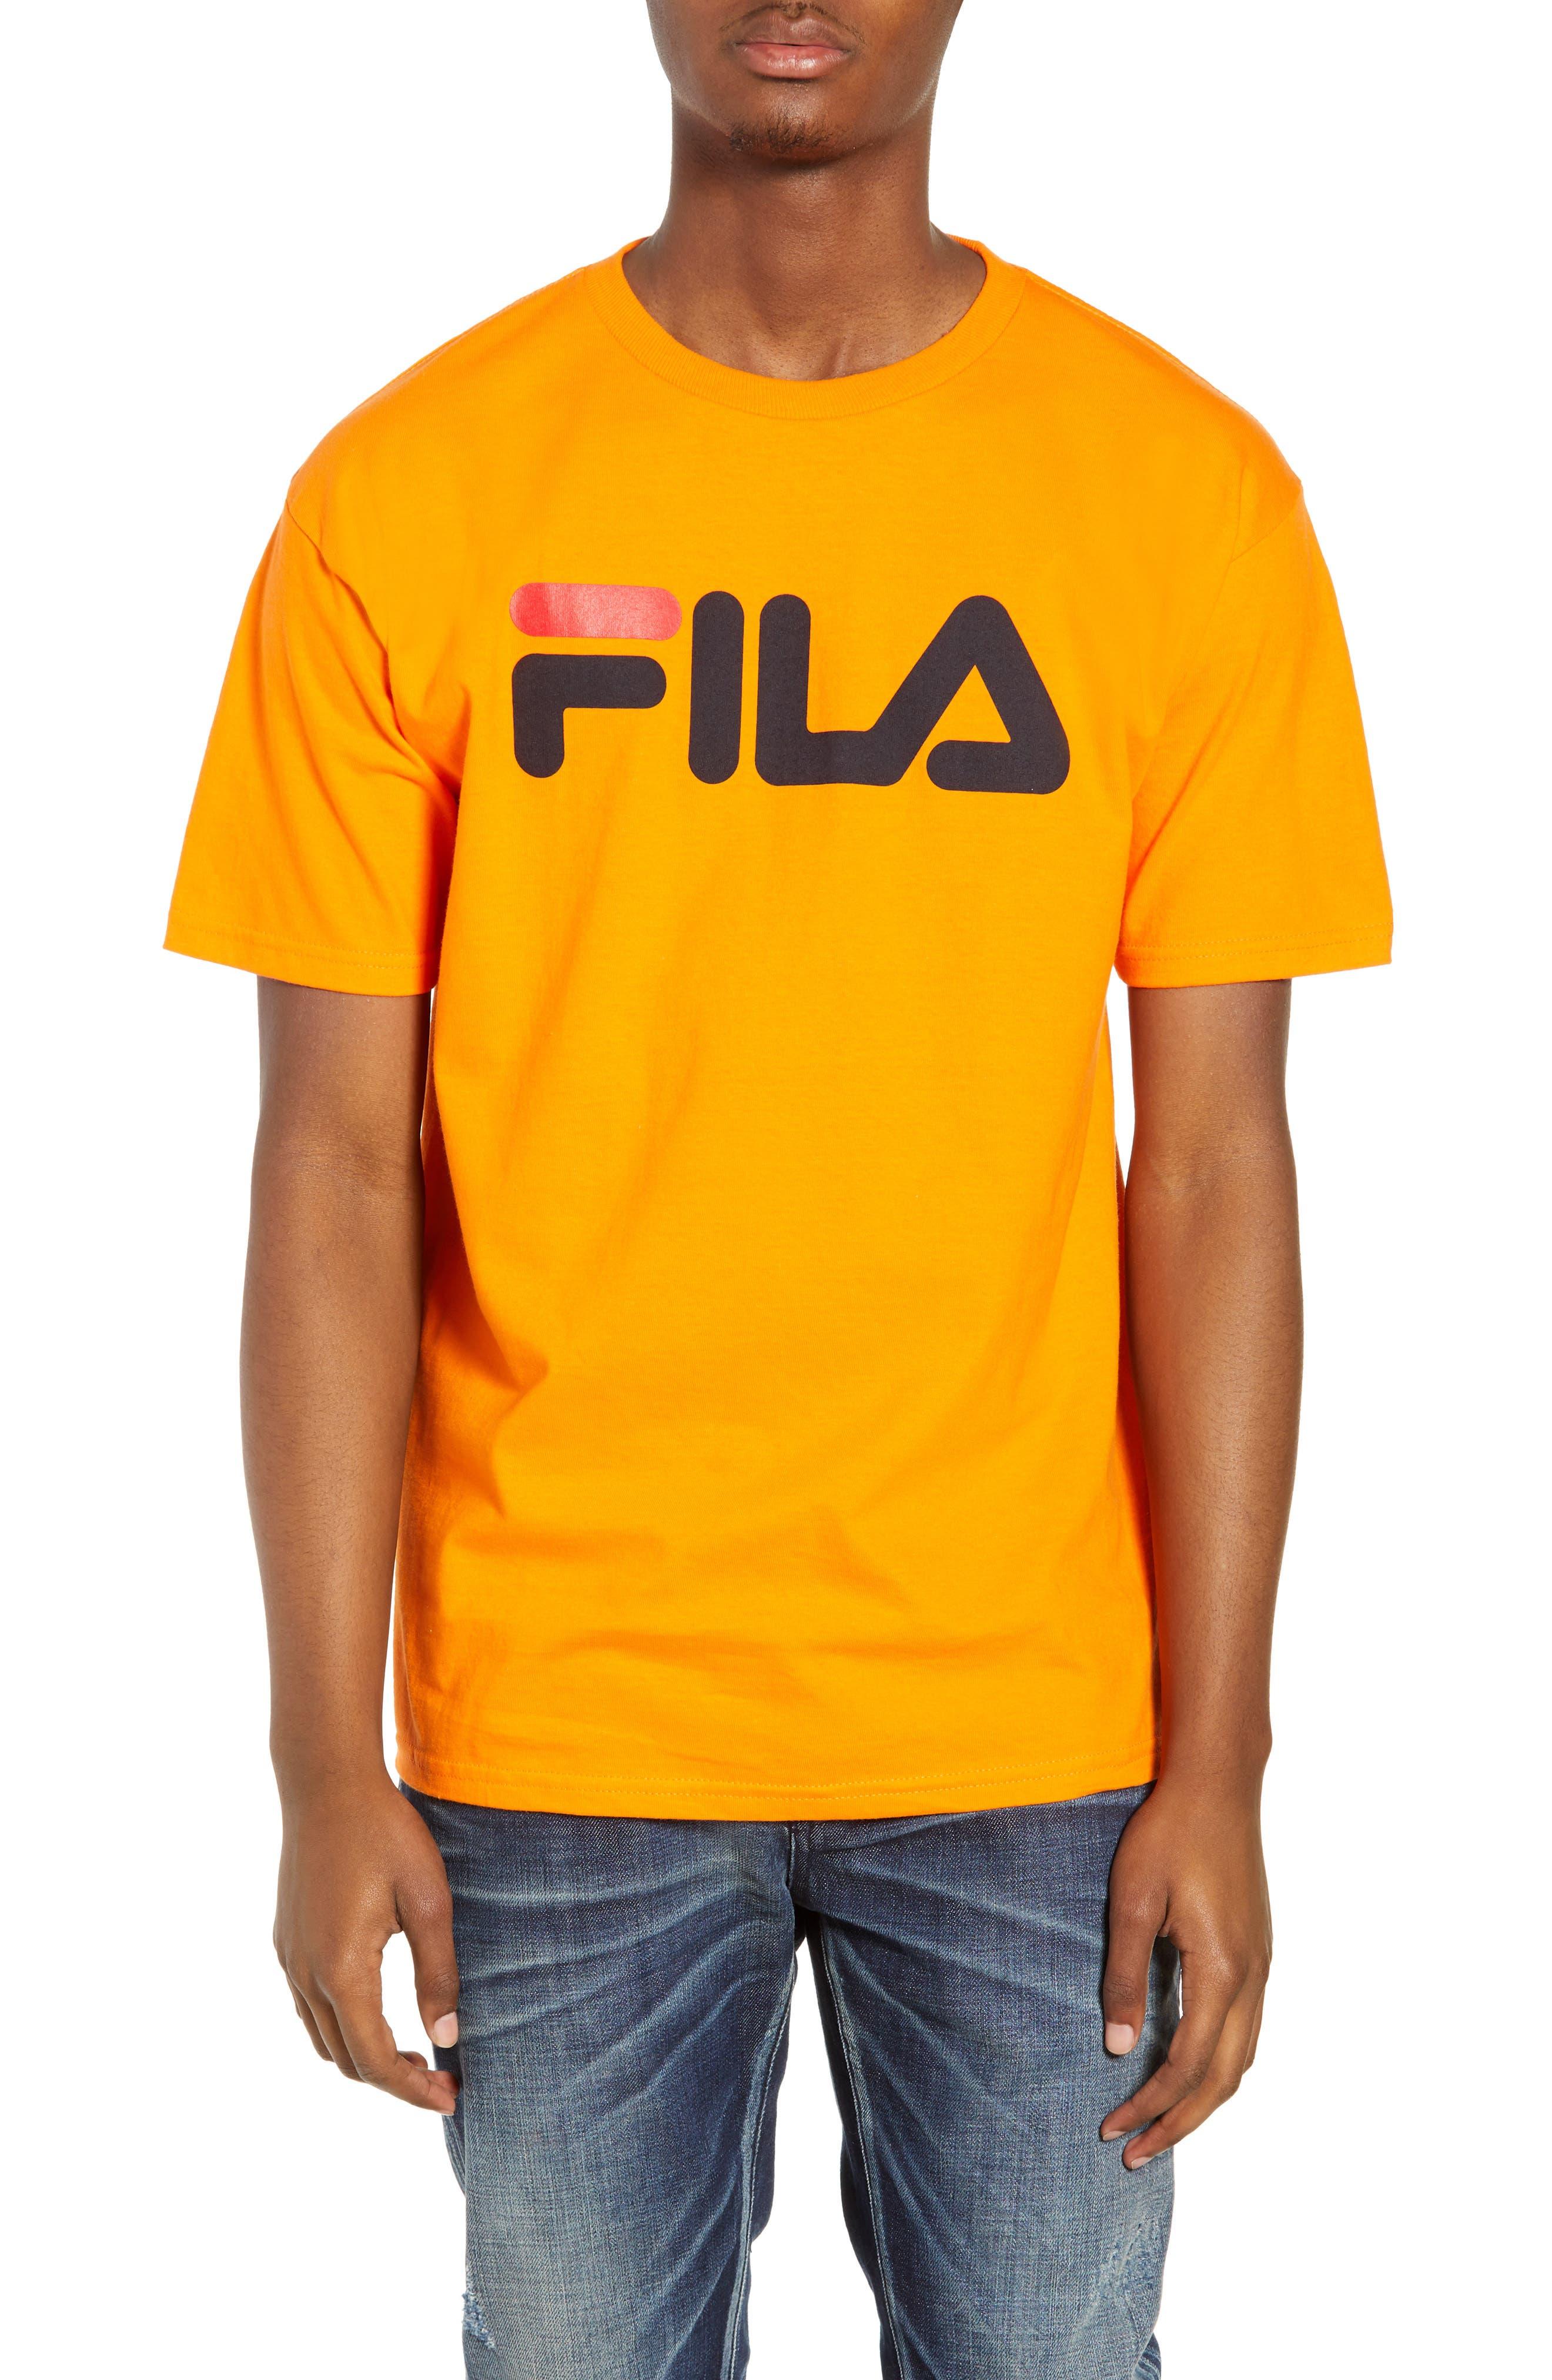 USA Graphic T-Shirt,                             Main thumbnail 2, color,